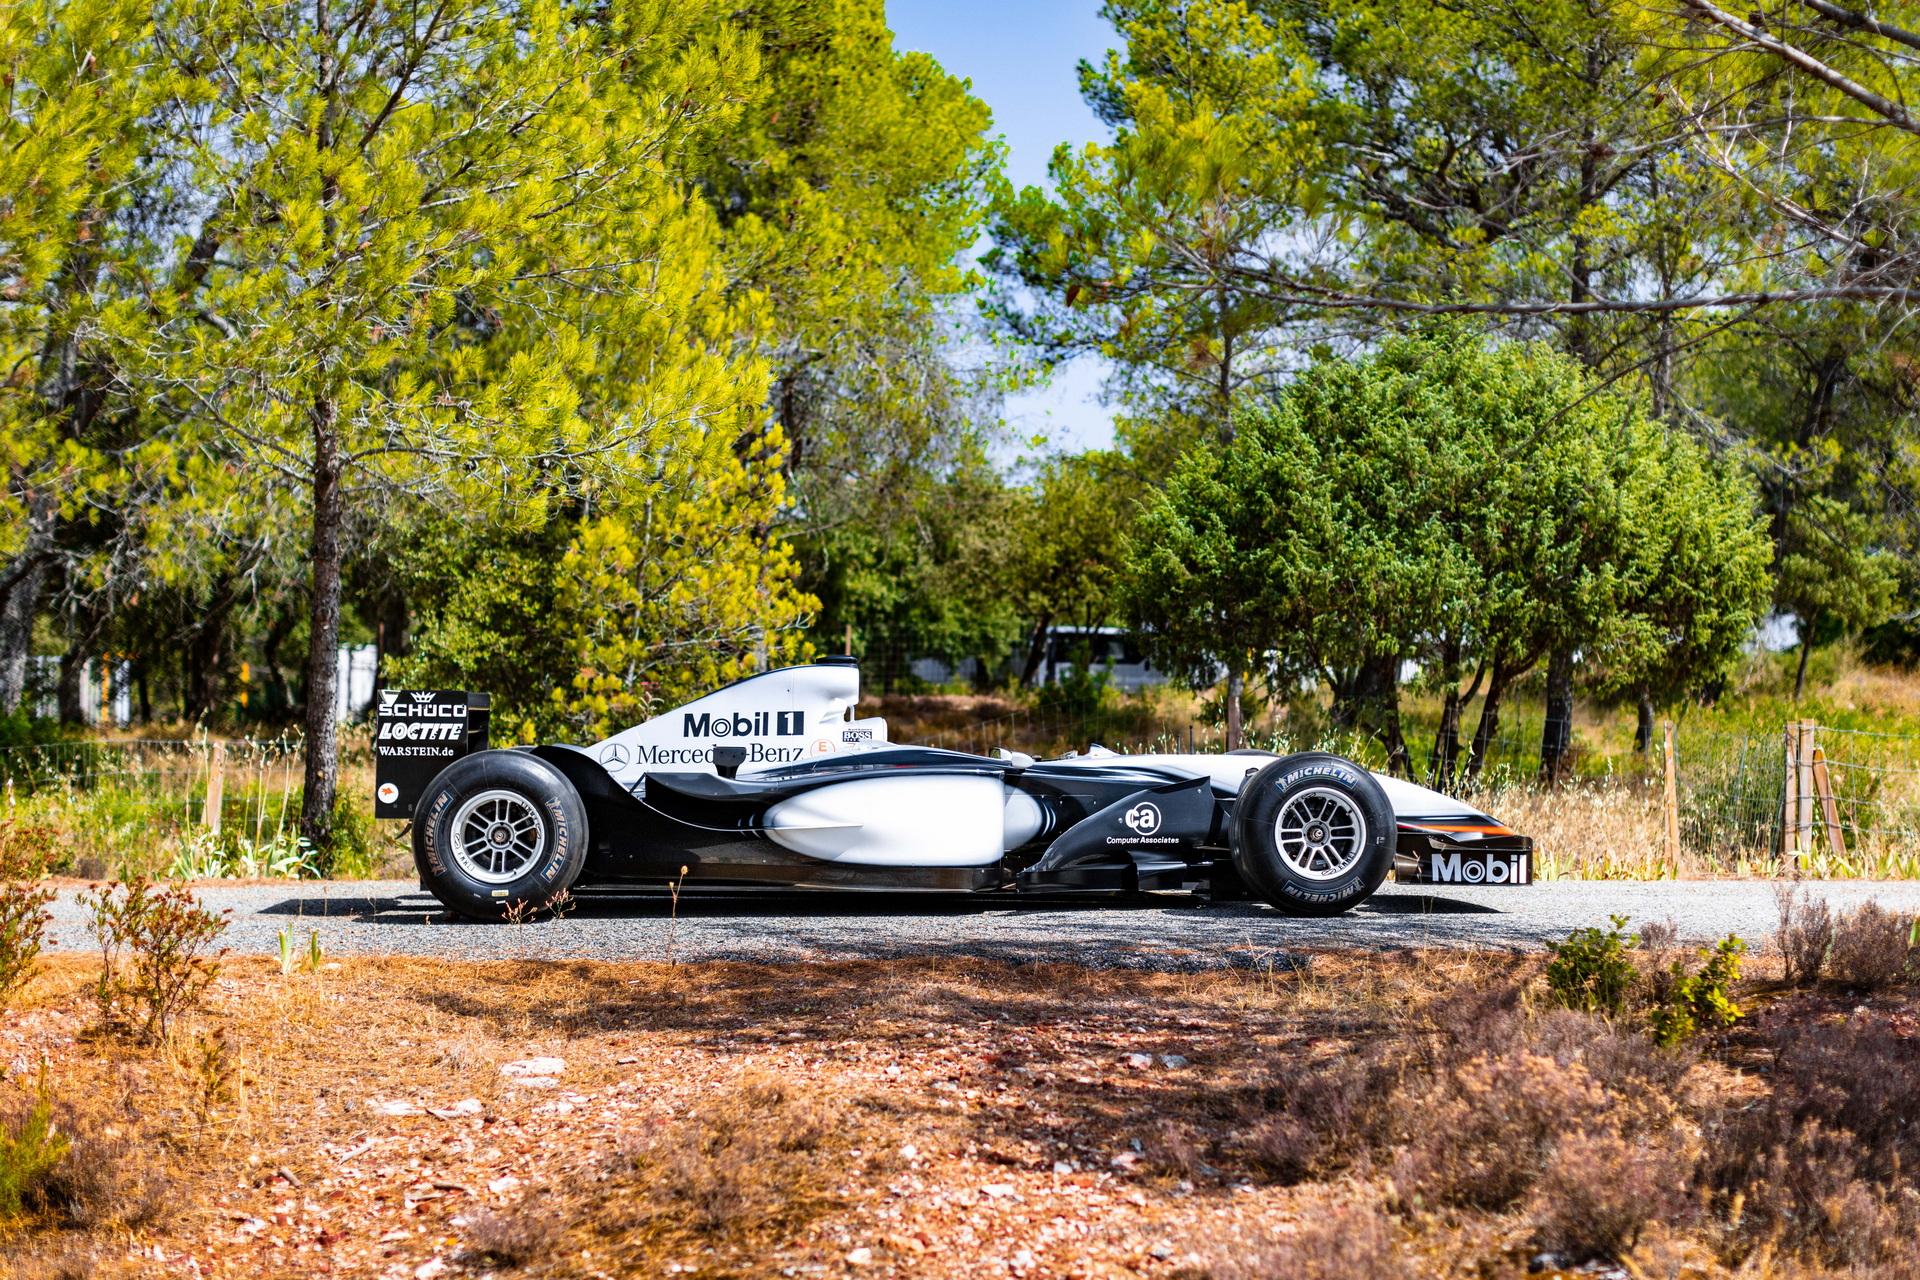 Автомобиль оснащен3,0-литровым Mercedes-Benz V10